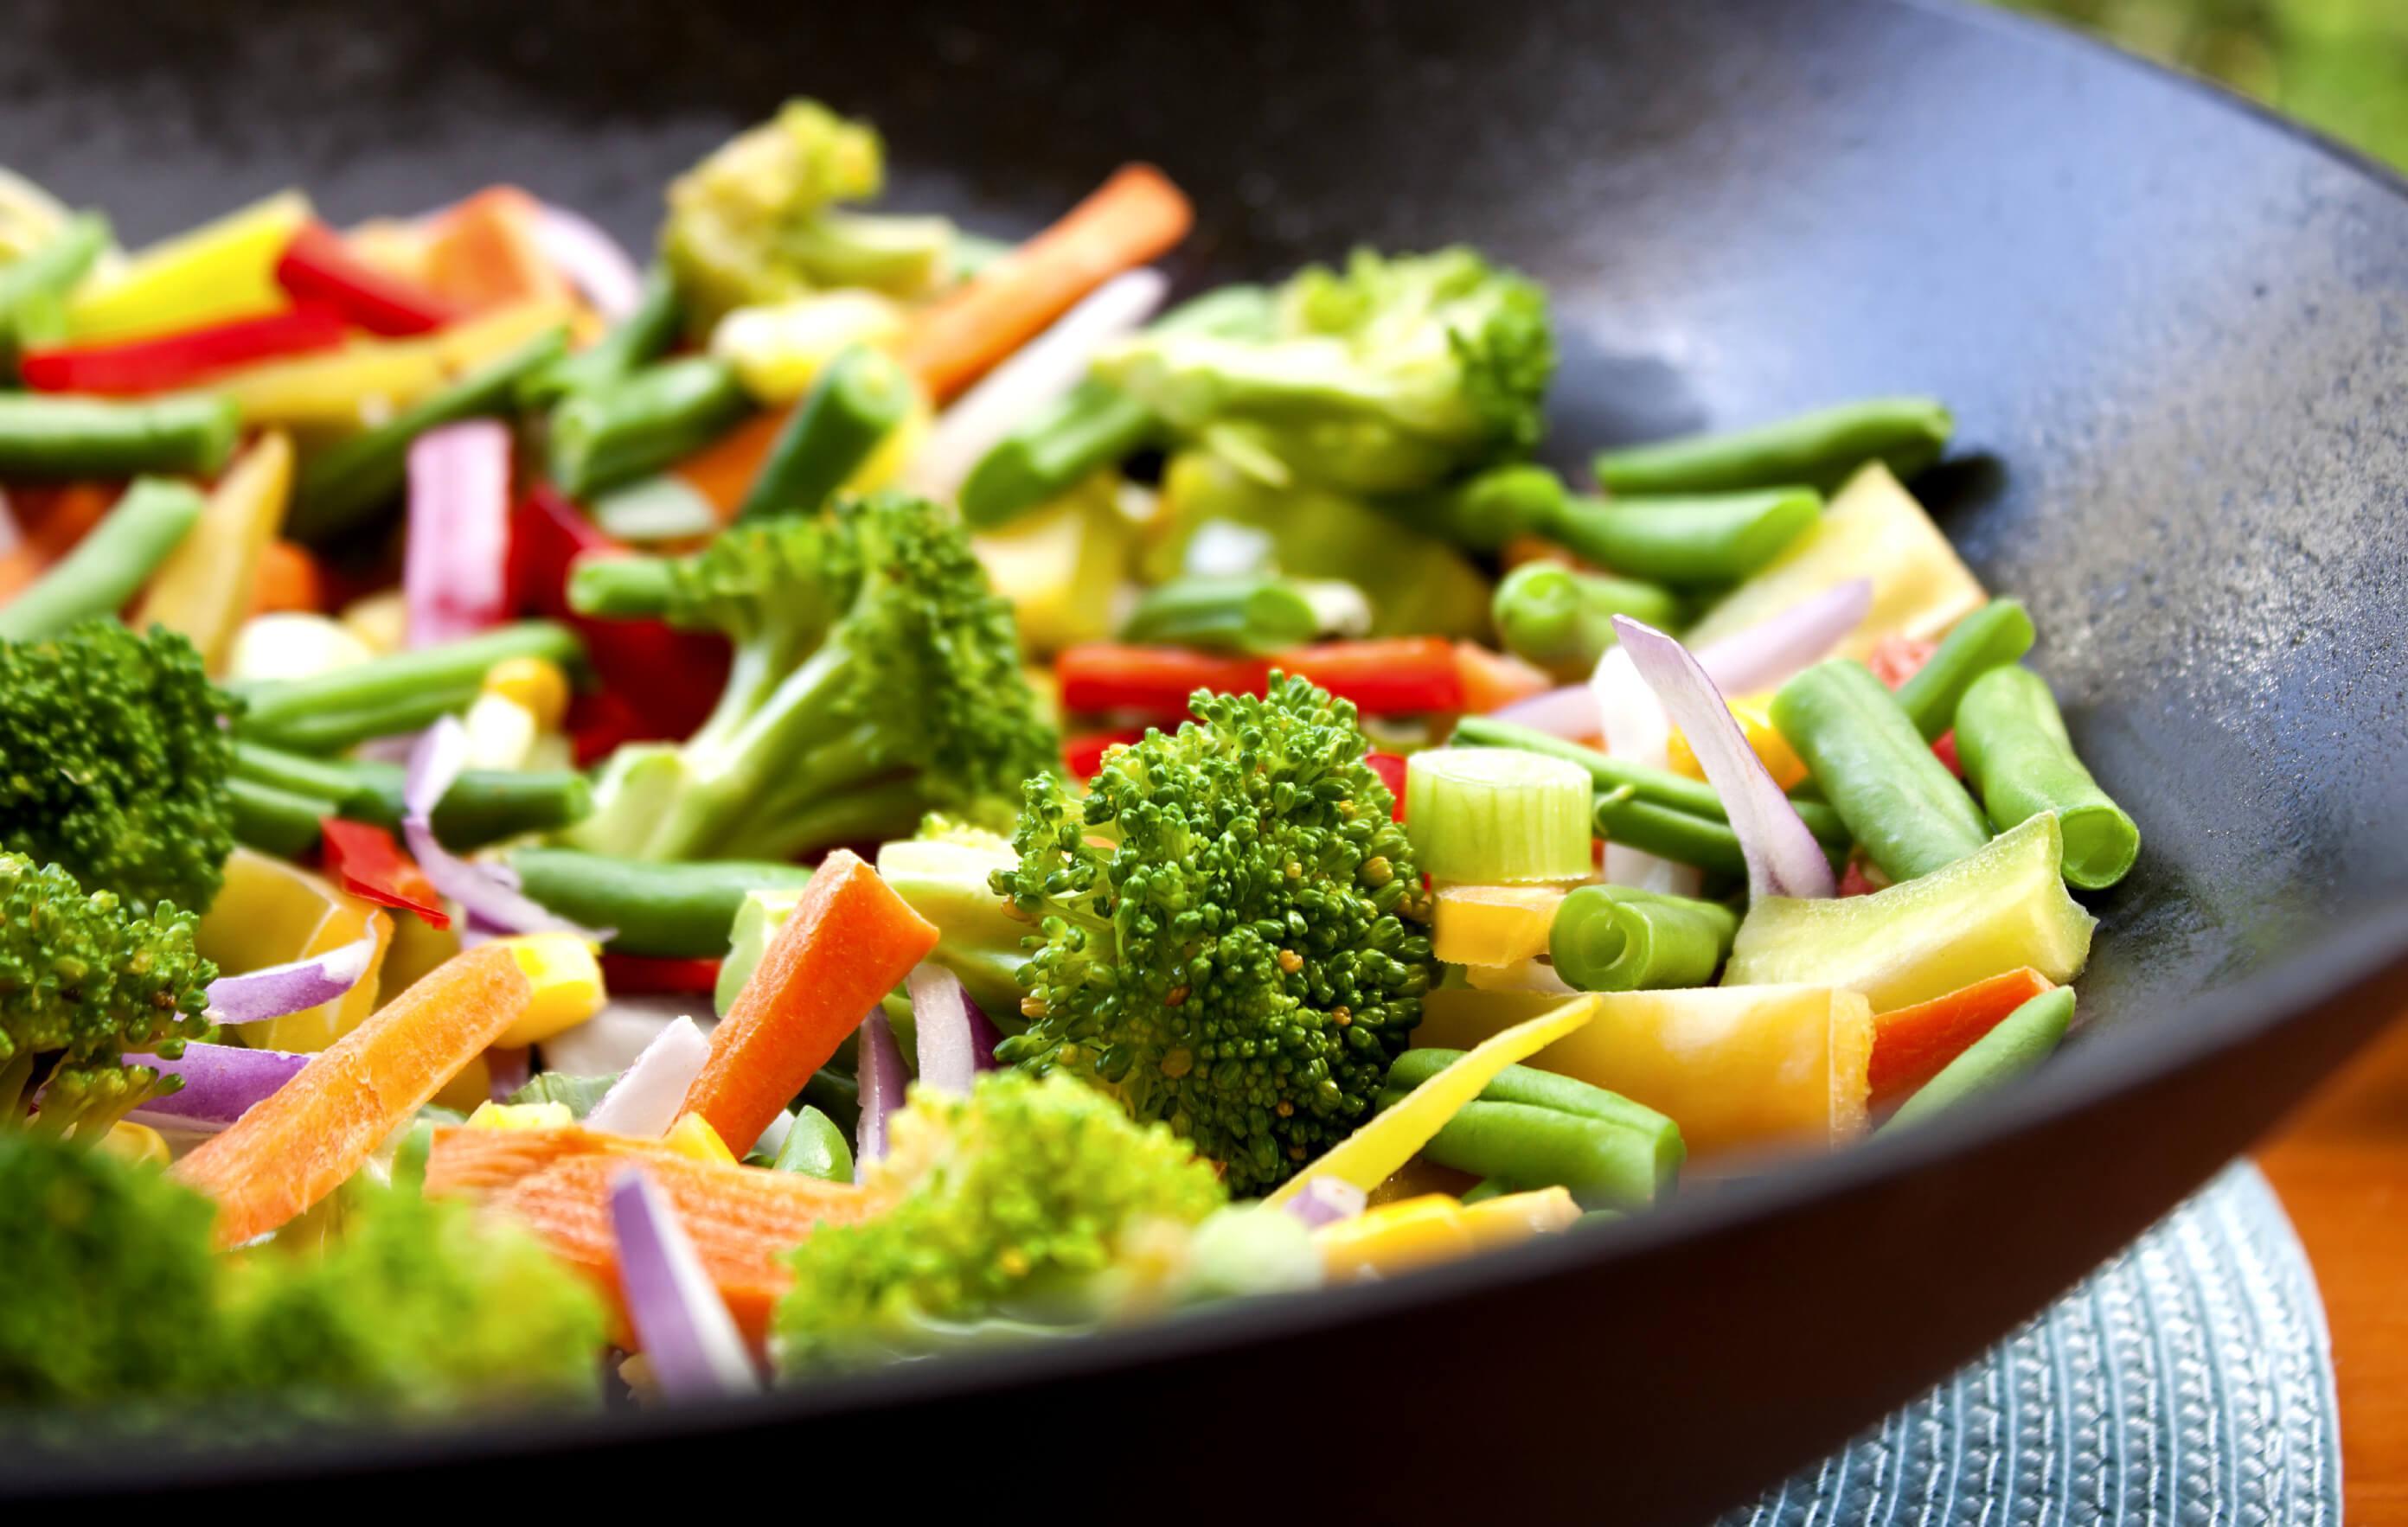 Yaptığınız Yemeklere Apayrı Lezzetler Katan Wok Tava ile Hazırlayabileceğiniz 11 Leziz Tarif